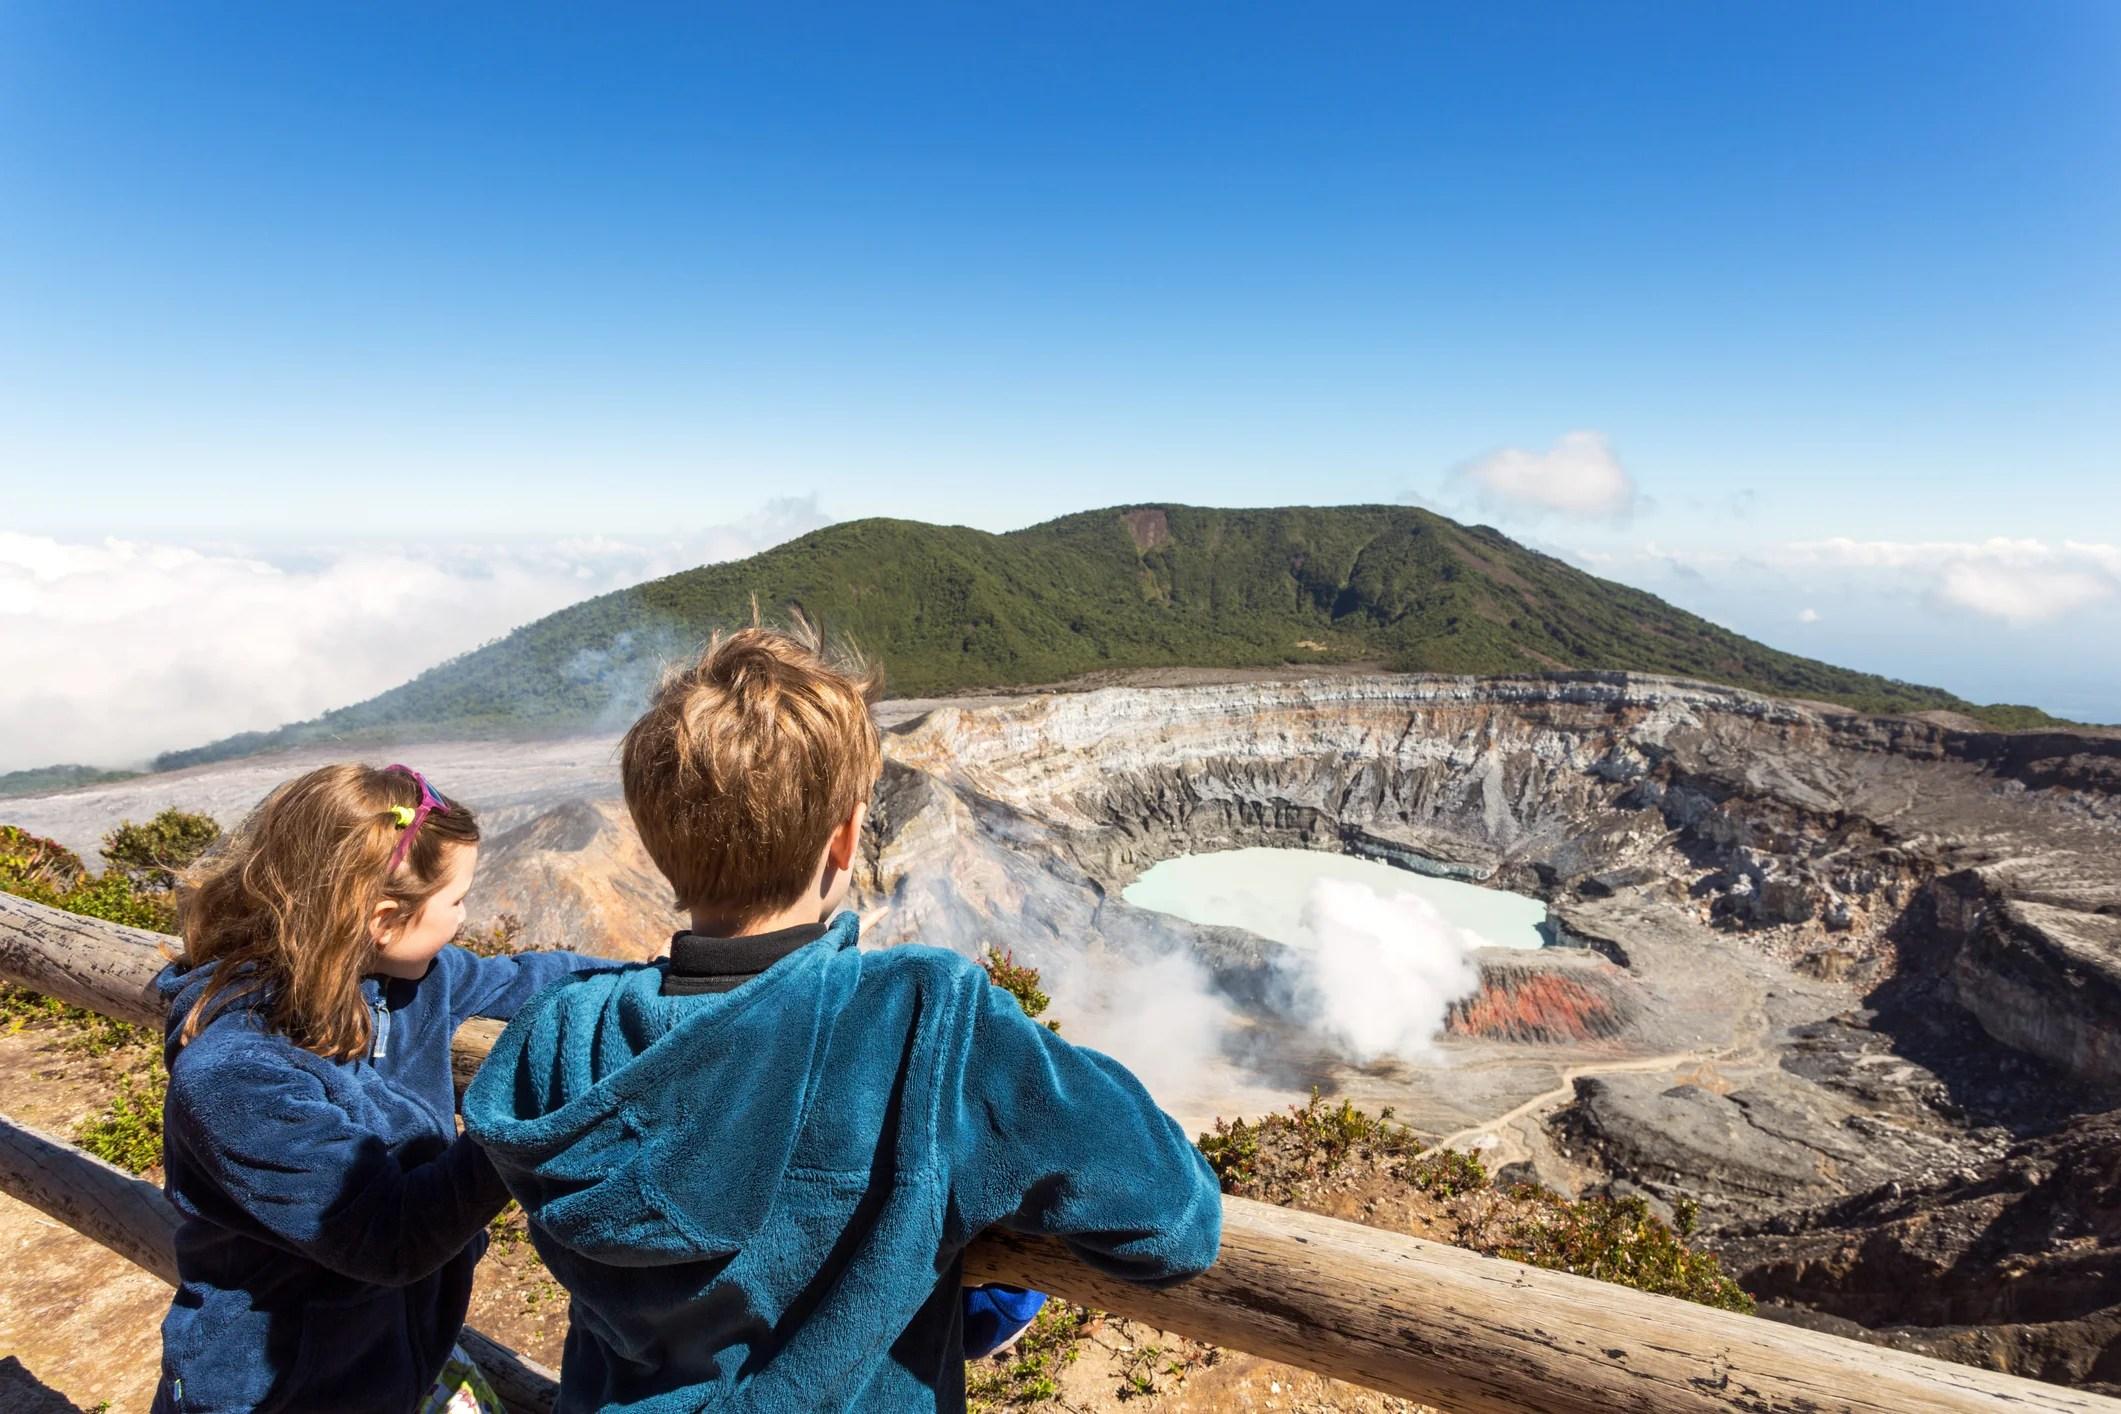 Costa Rica cover image